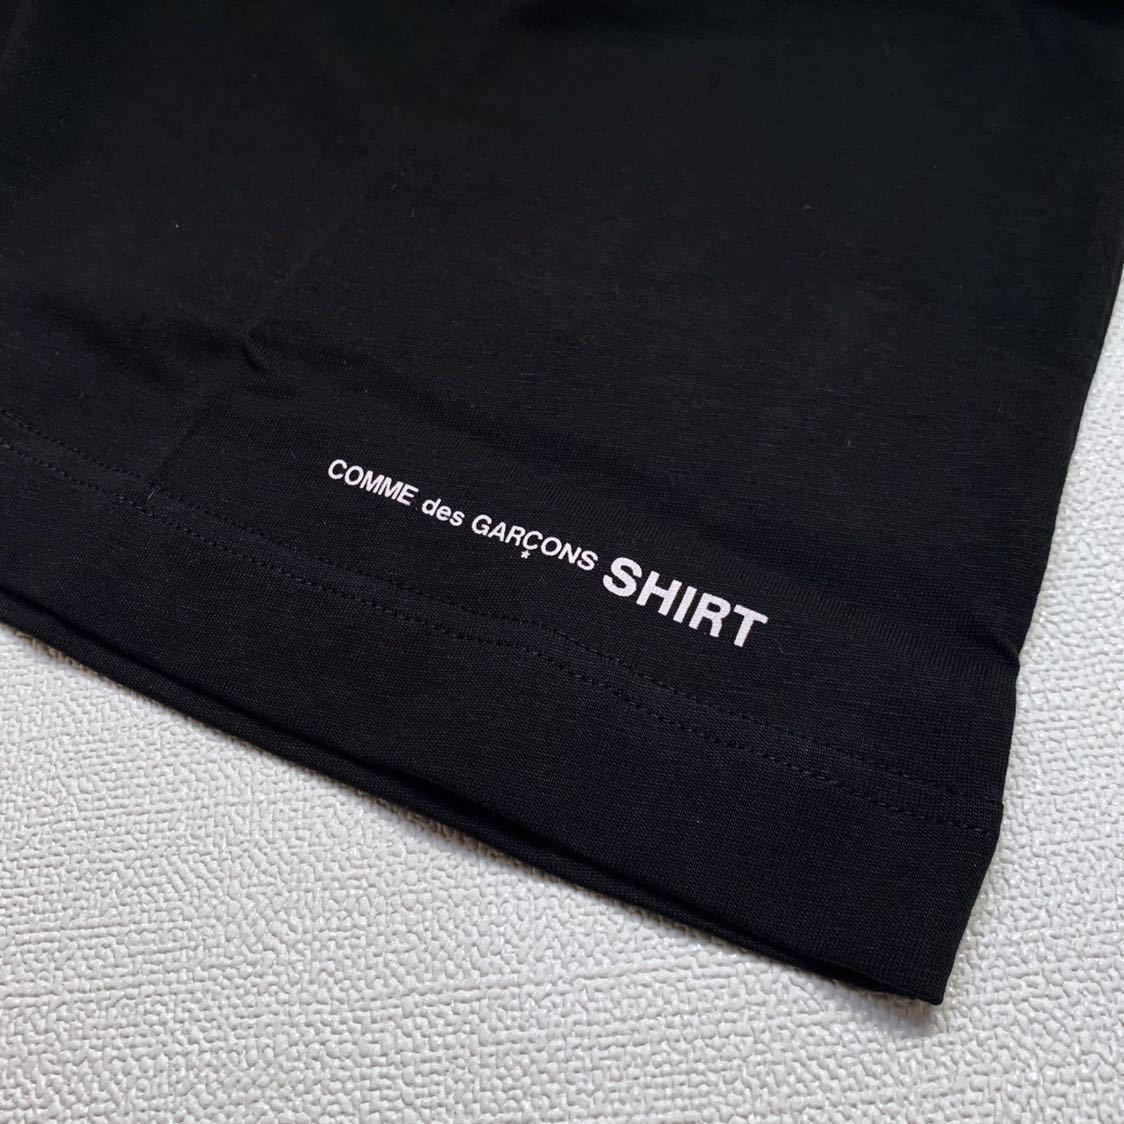 新作 2019AW コムデギャルソンシャツ 裾 ロゴ 半袖 Tシャツ M 黒 ブラック Comme des Garcons Shirt W27111 メンズ 新品 2019FW_画像4